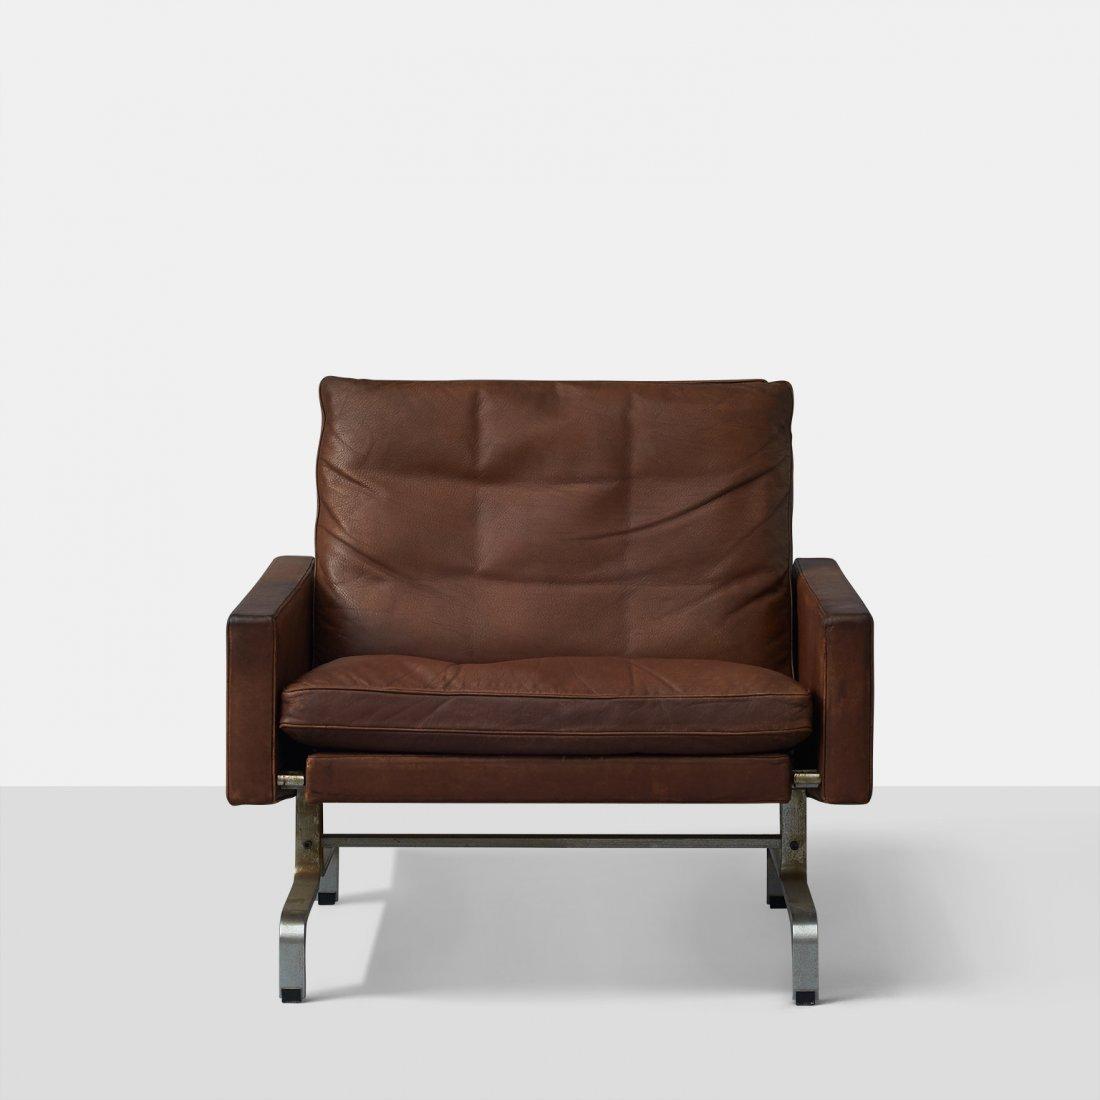 Poul Kjaerholm, PK31 Lounge Chair - 4